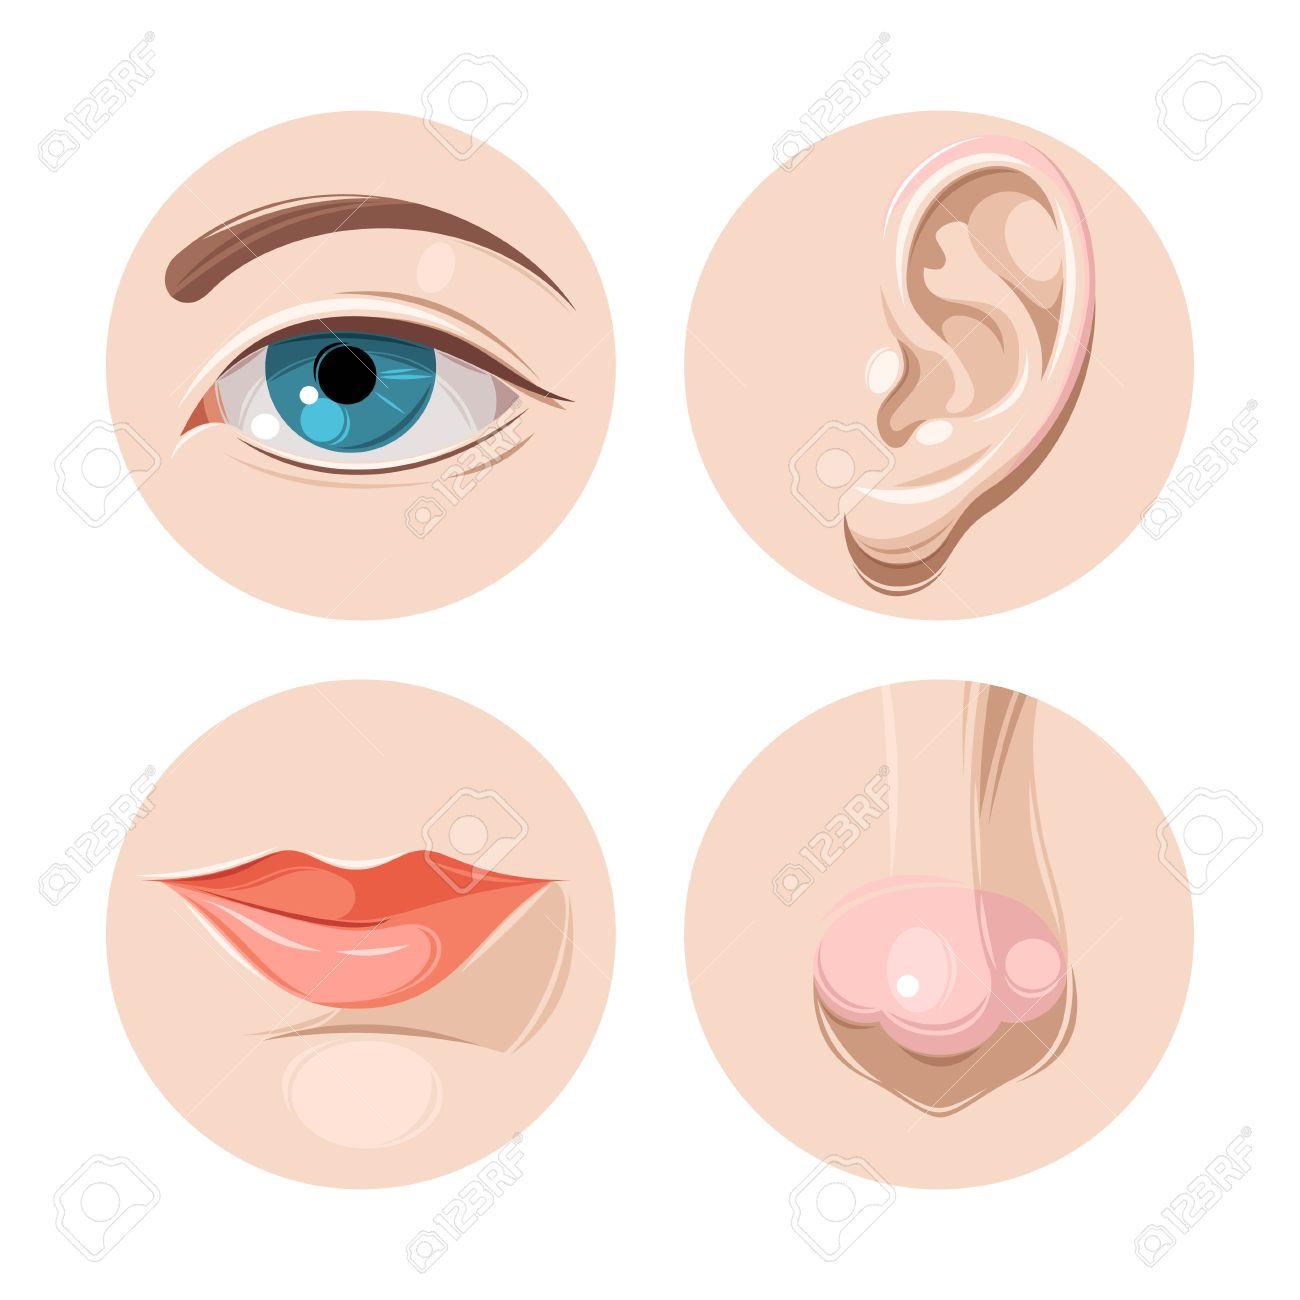 Ilustración Del Vector Del Ojo Humano, El Oído, La Nariz Y La Boca ...